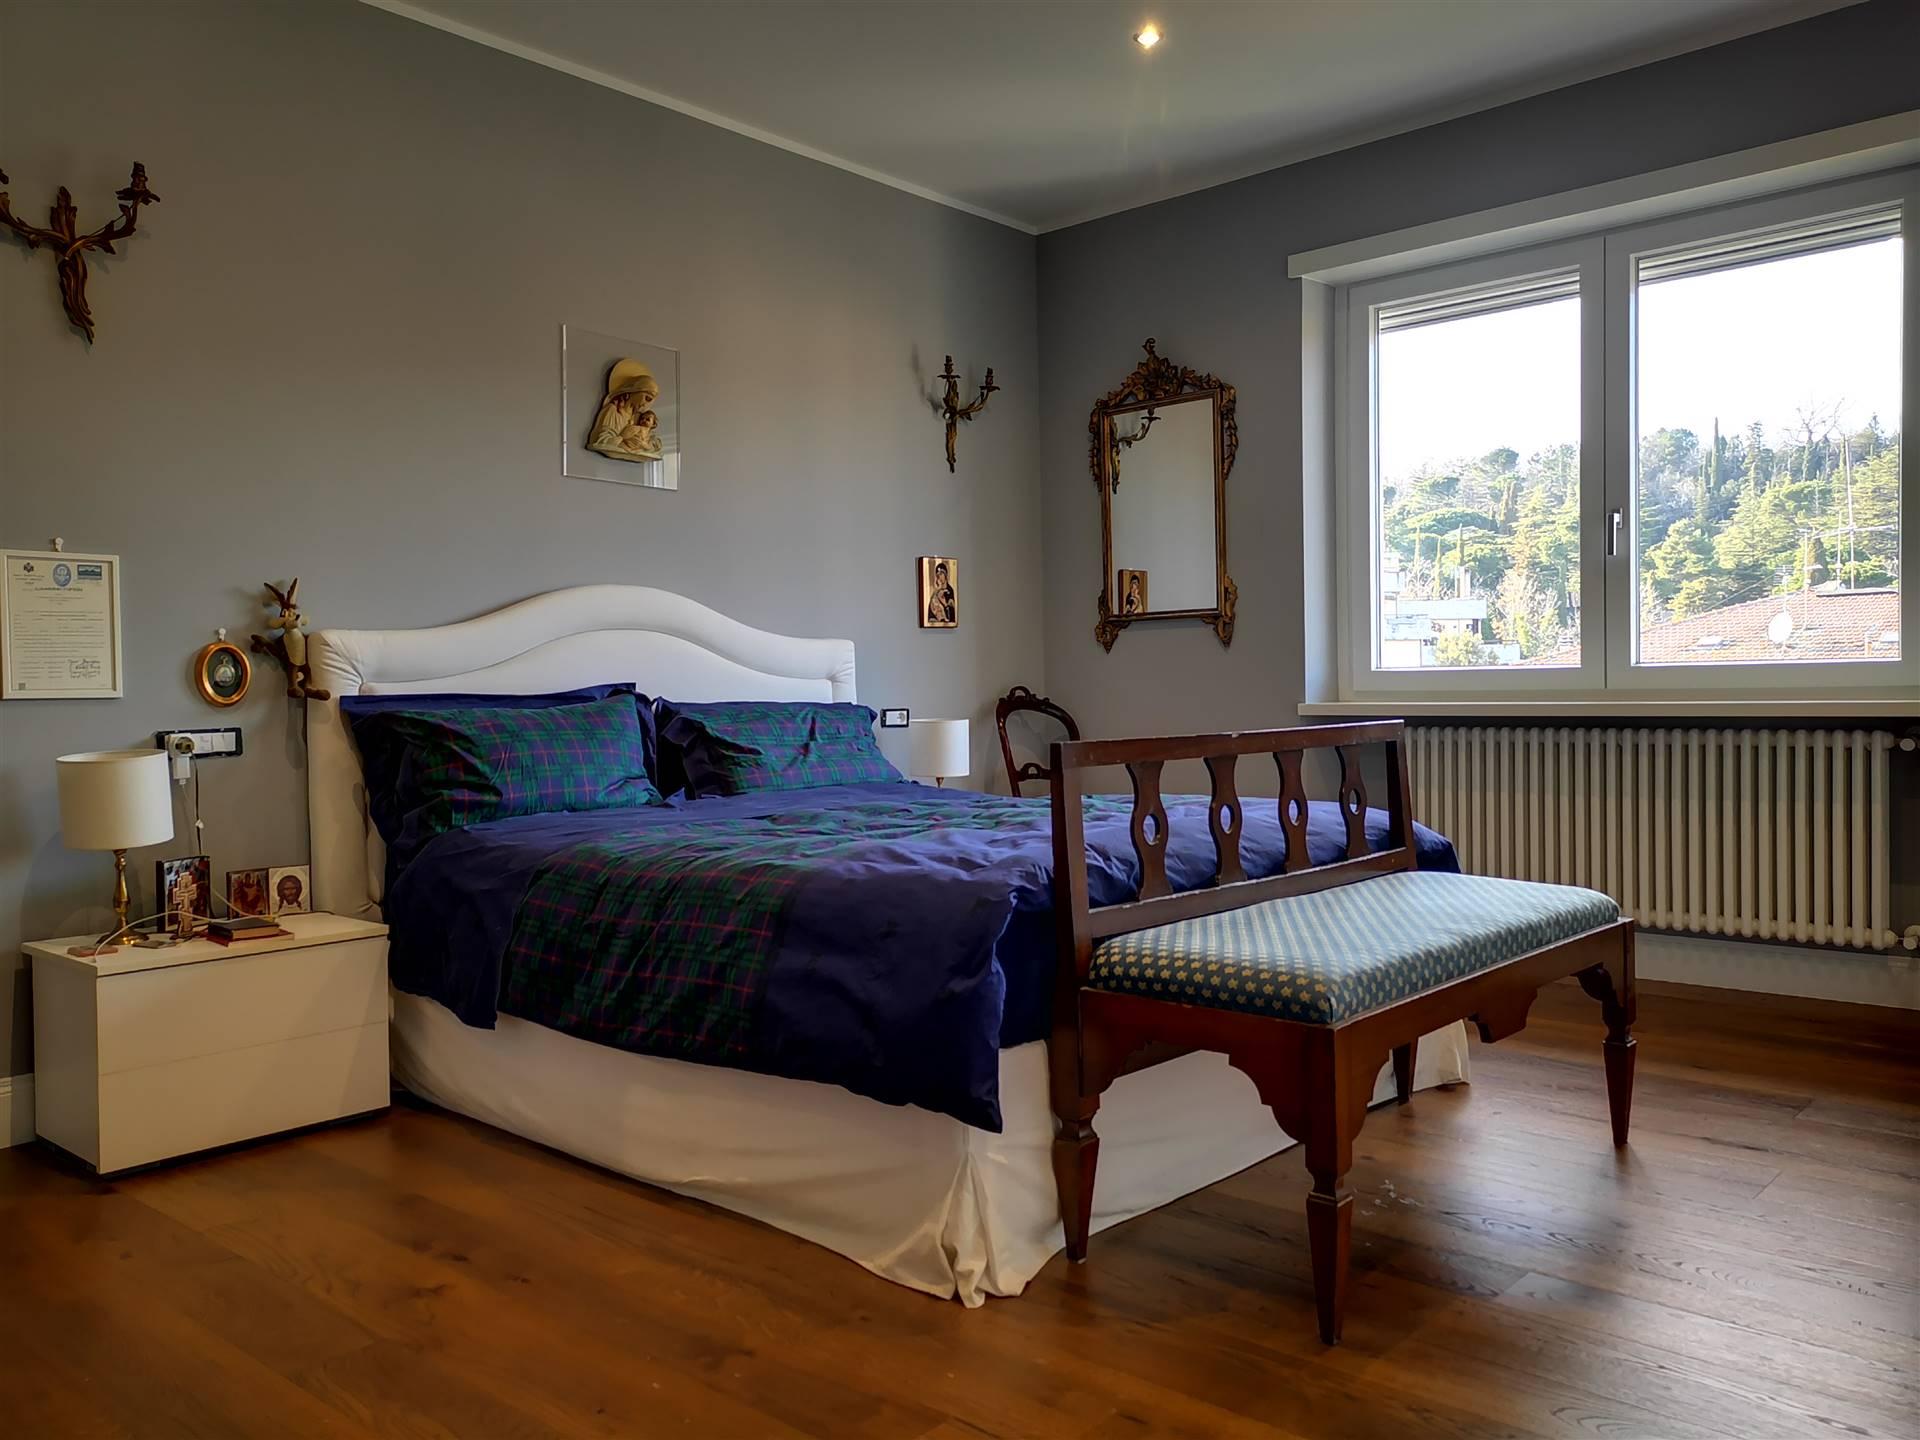 Camera  Master Bedroom